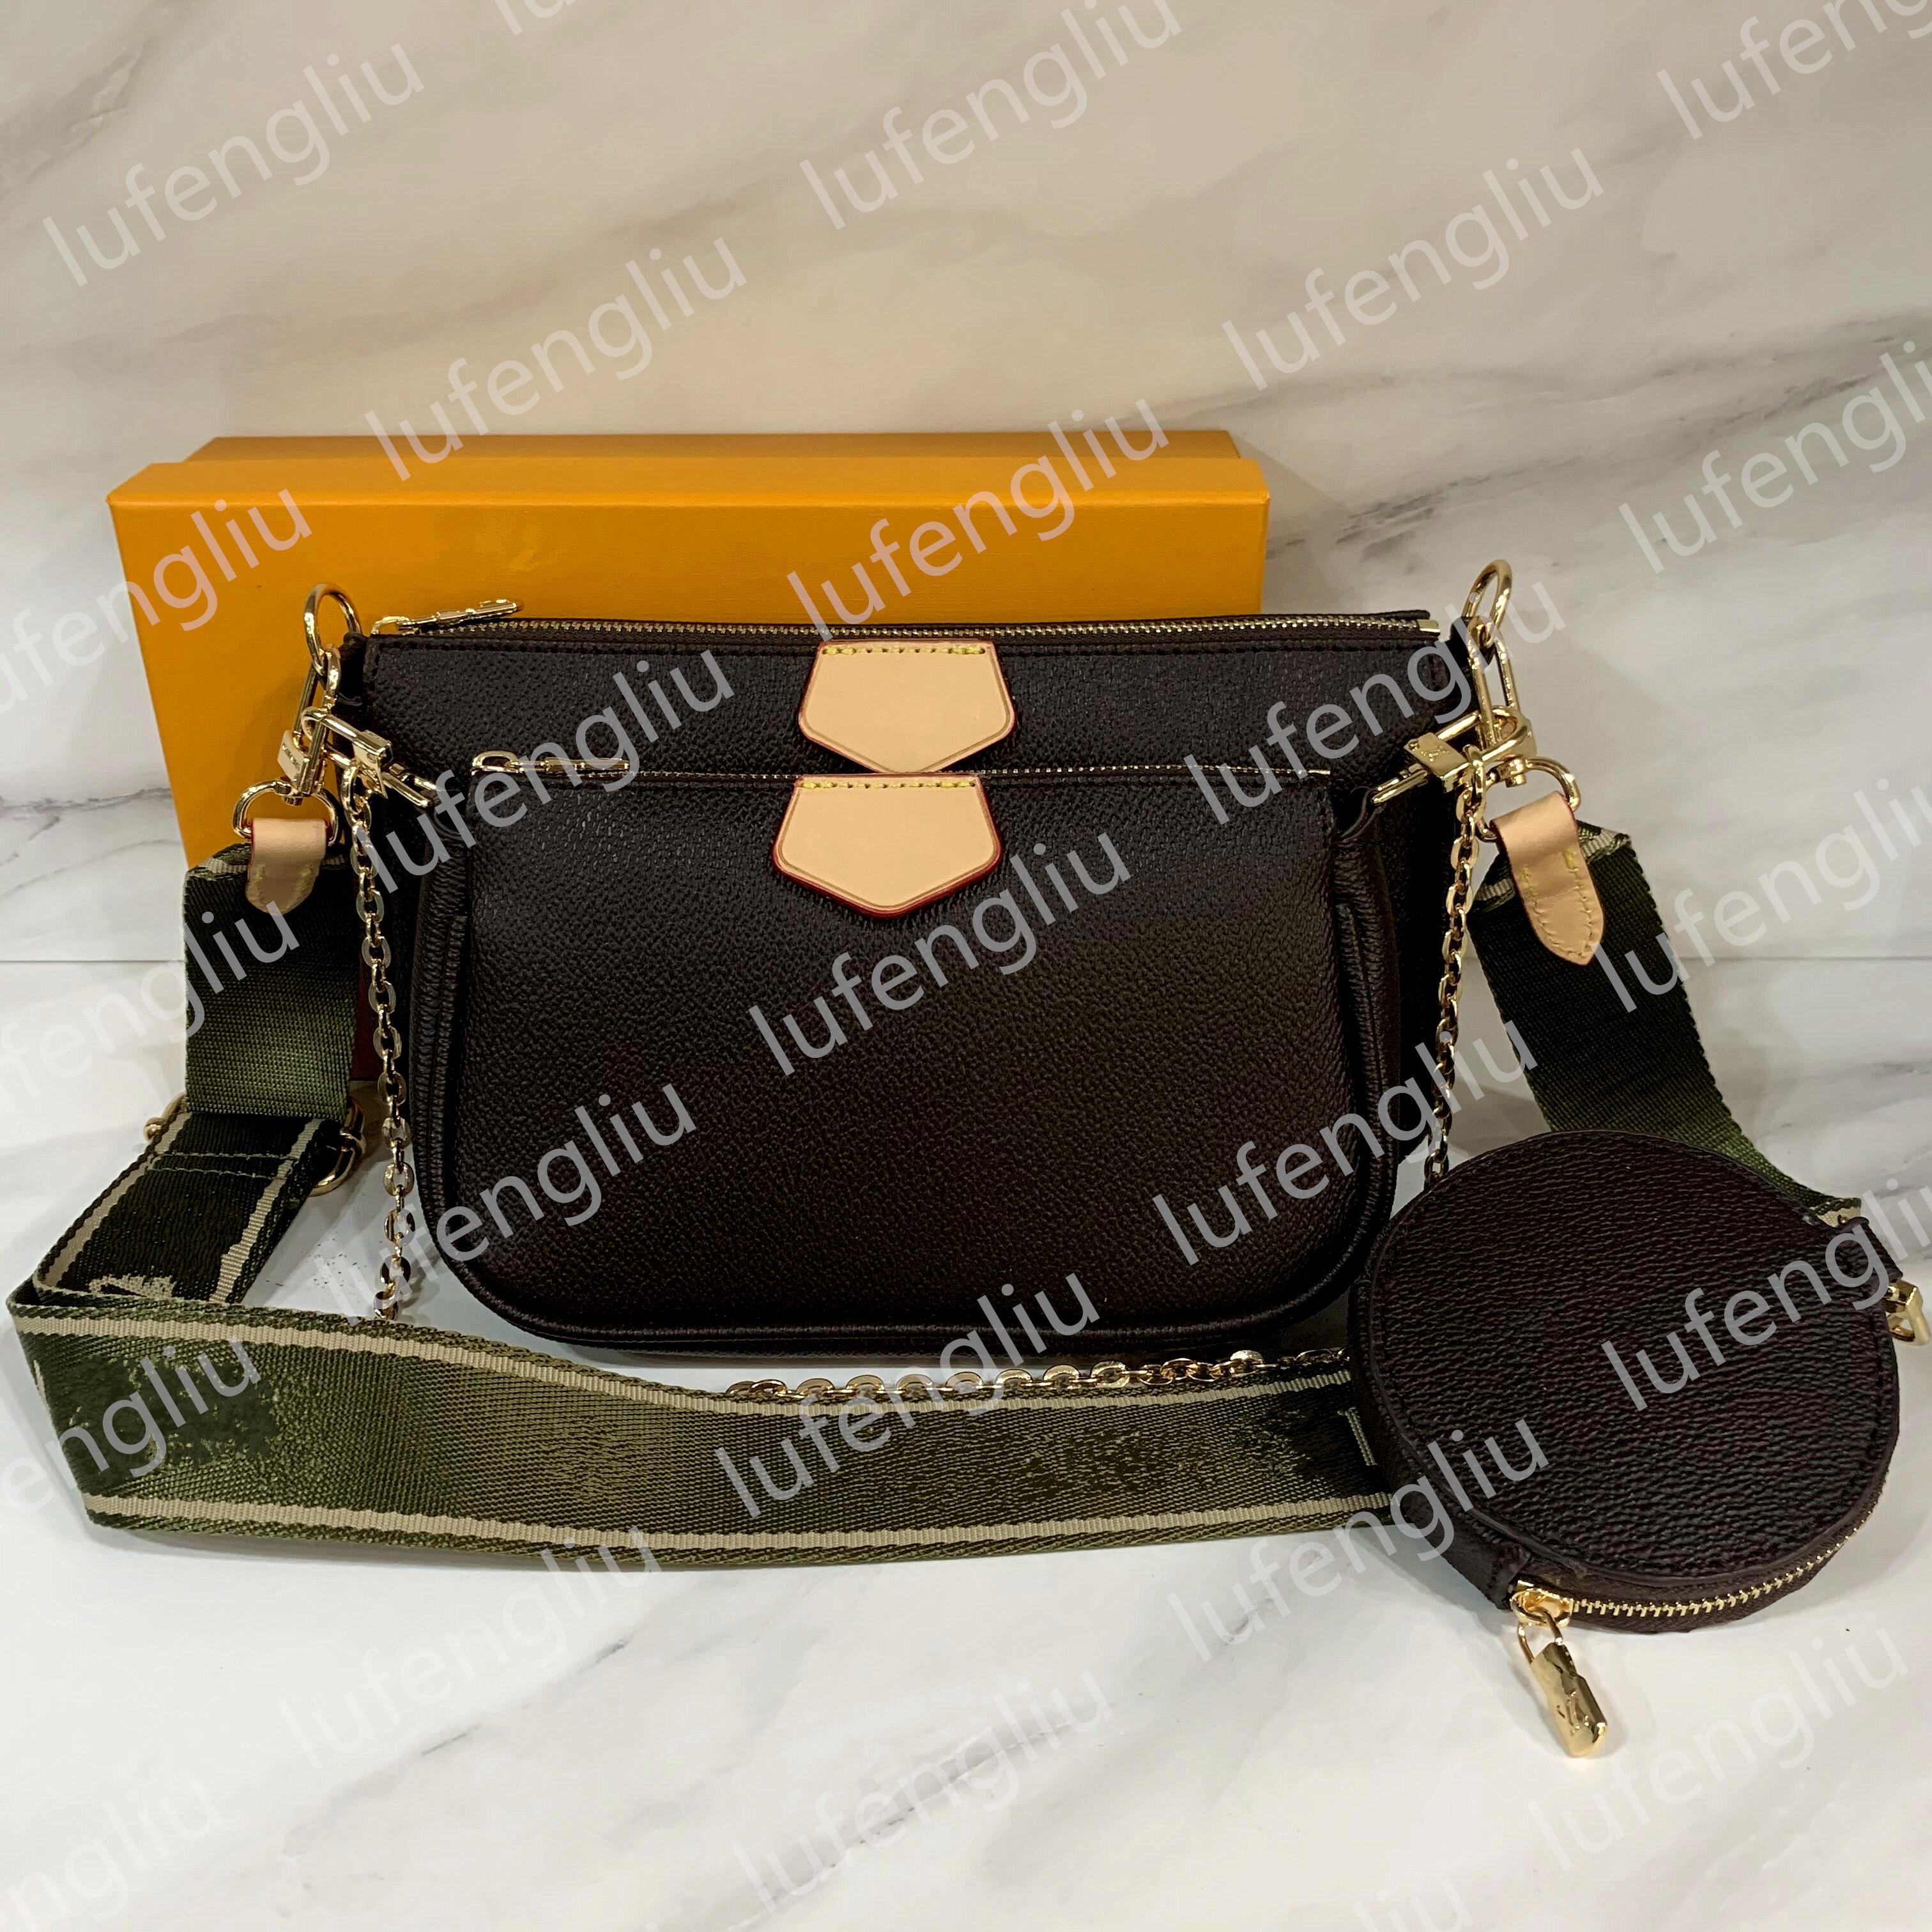 Nuove donne Preferito Borse di modo in vera pelle Multi Pochette Accessori Purses Flower Mini Pochette 3pcs Borsa a tracolla a tracolla